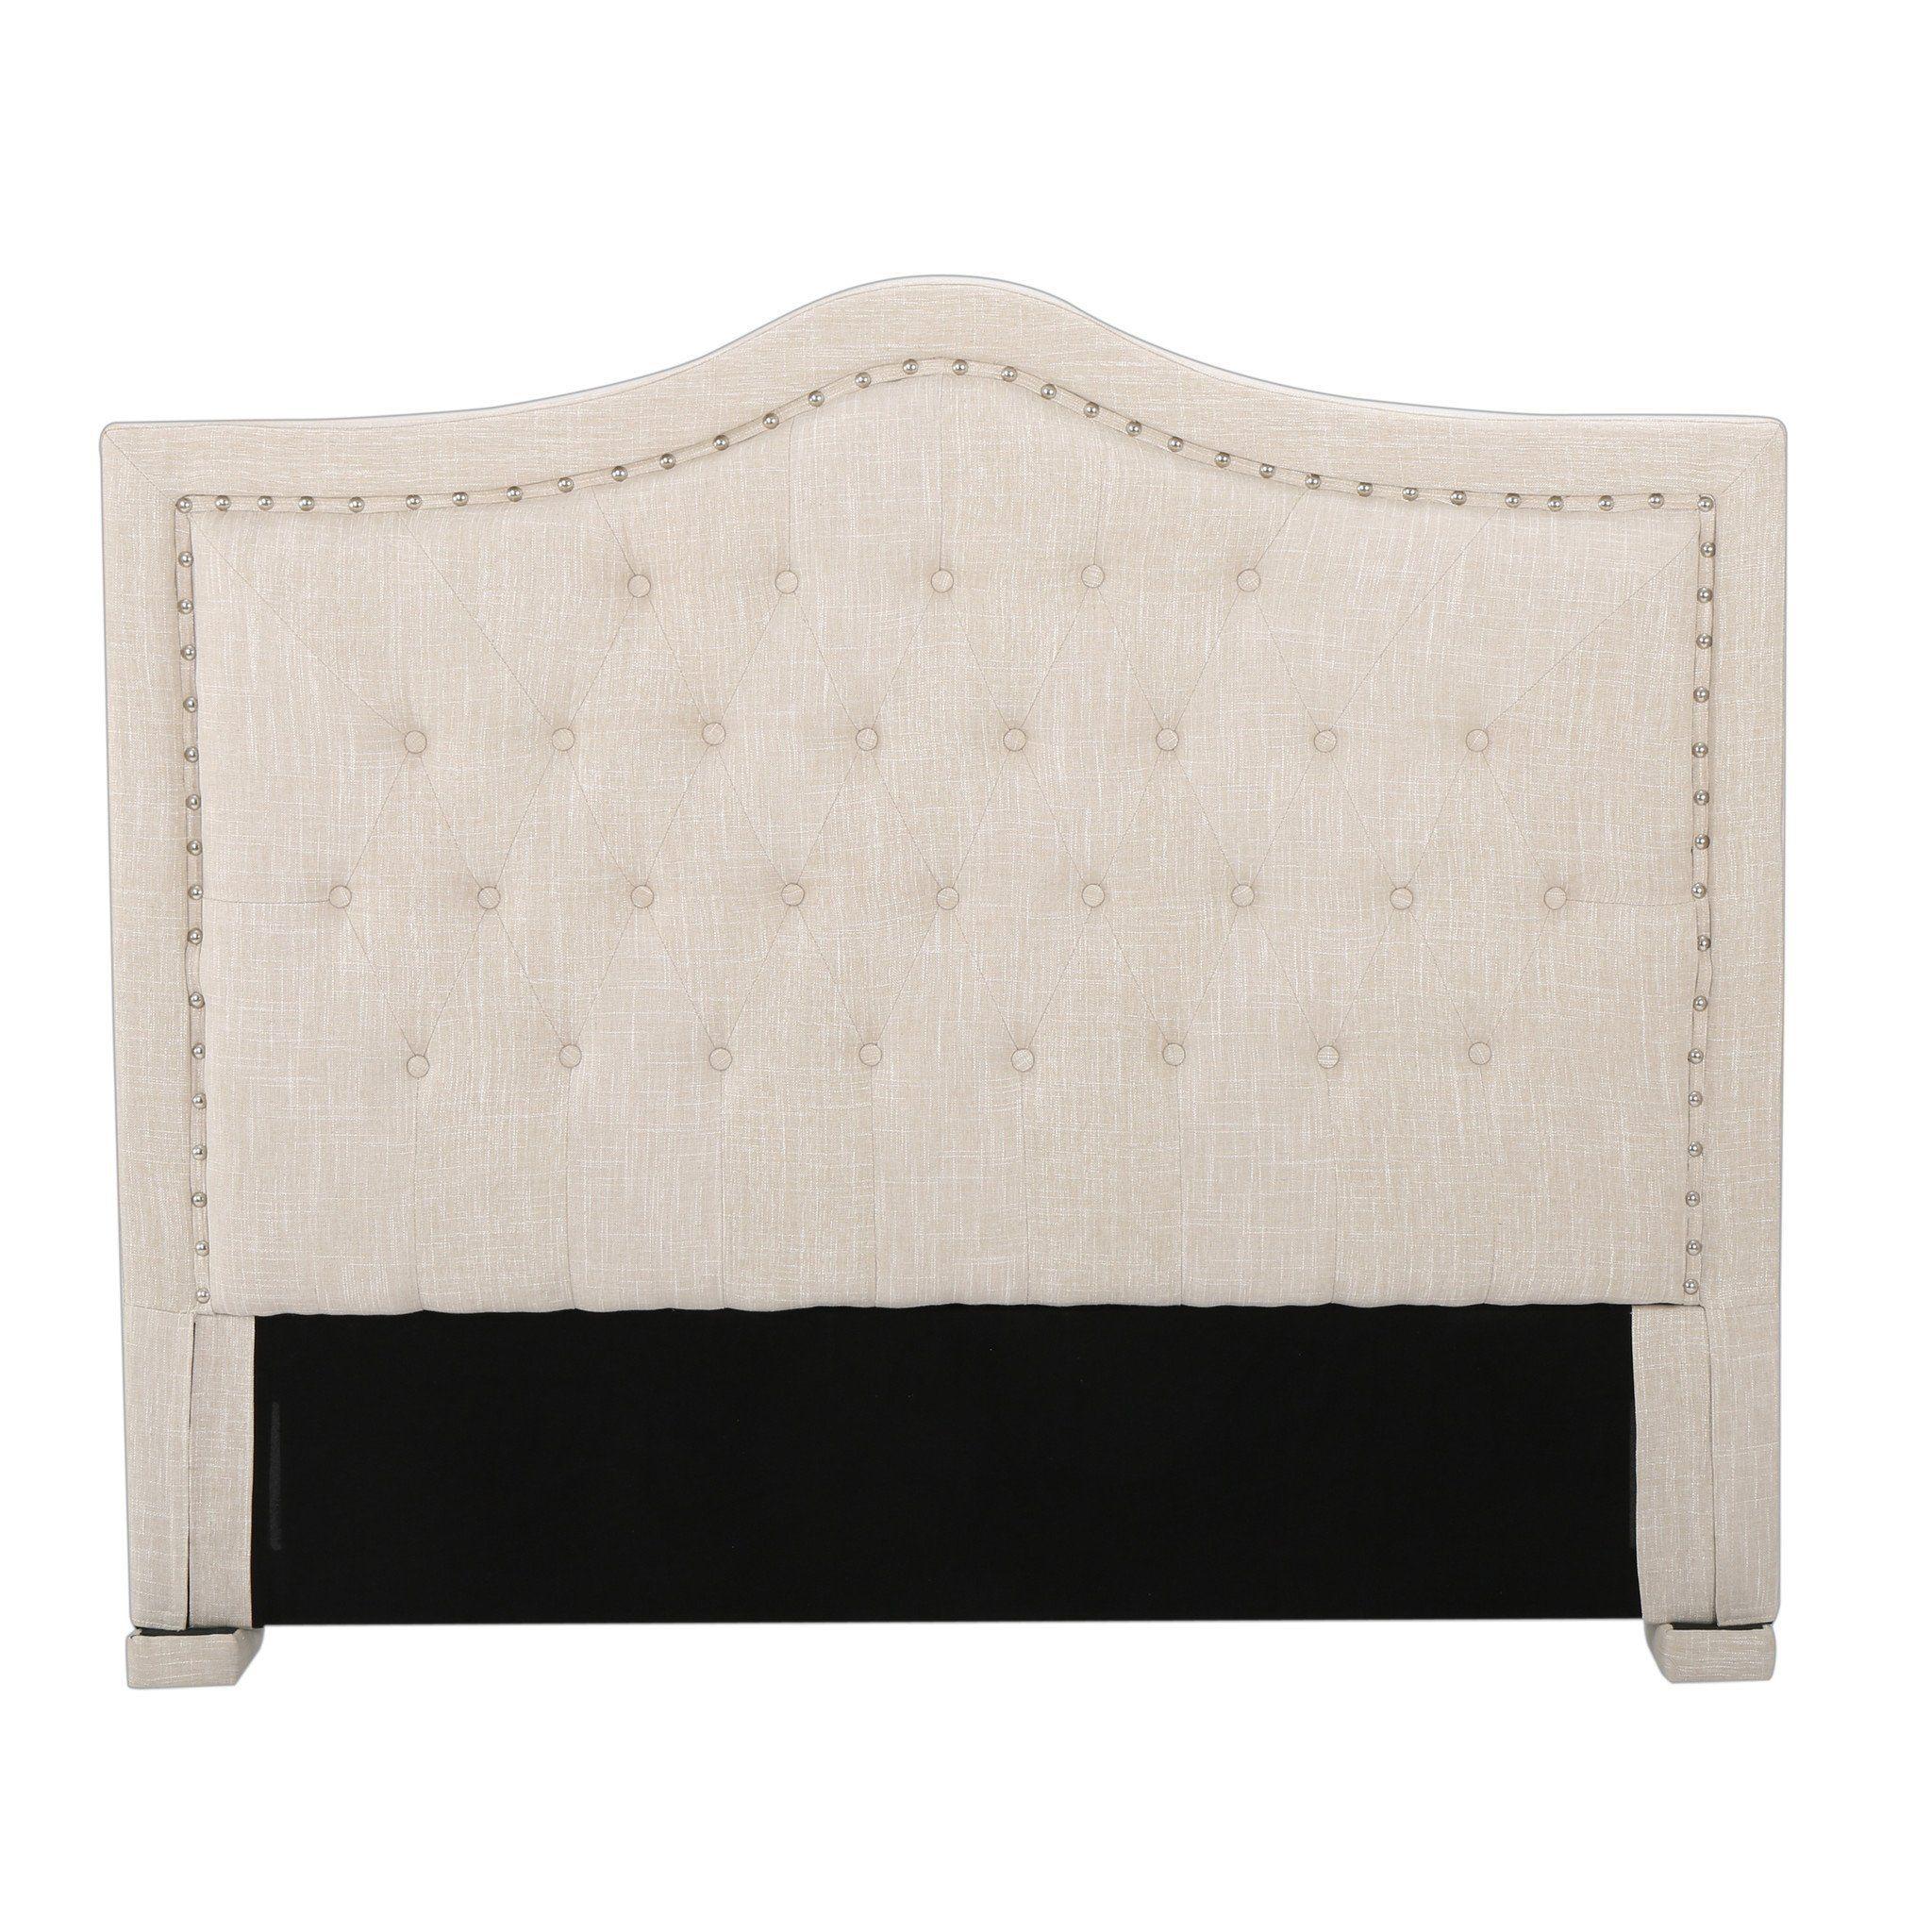 Denise Austin Home Ronan King/California King Upholstered Tufted ...